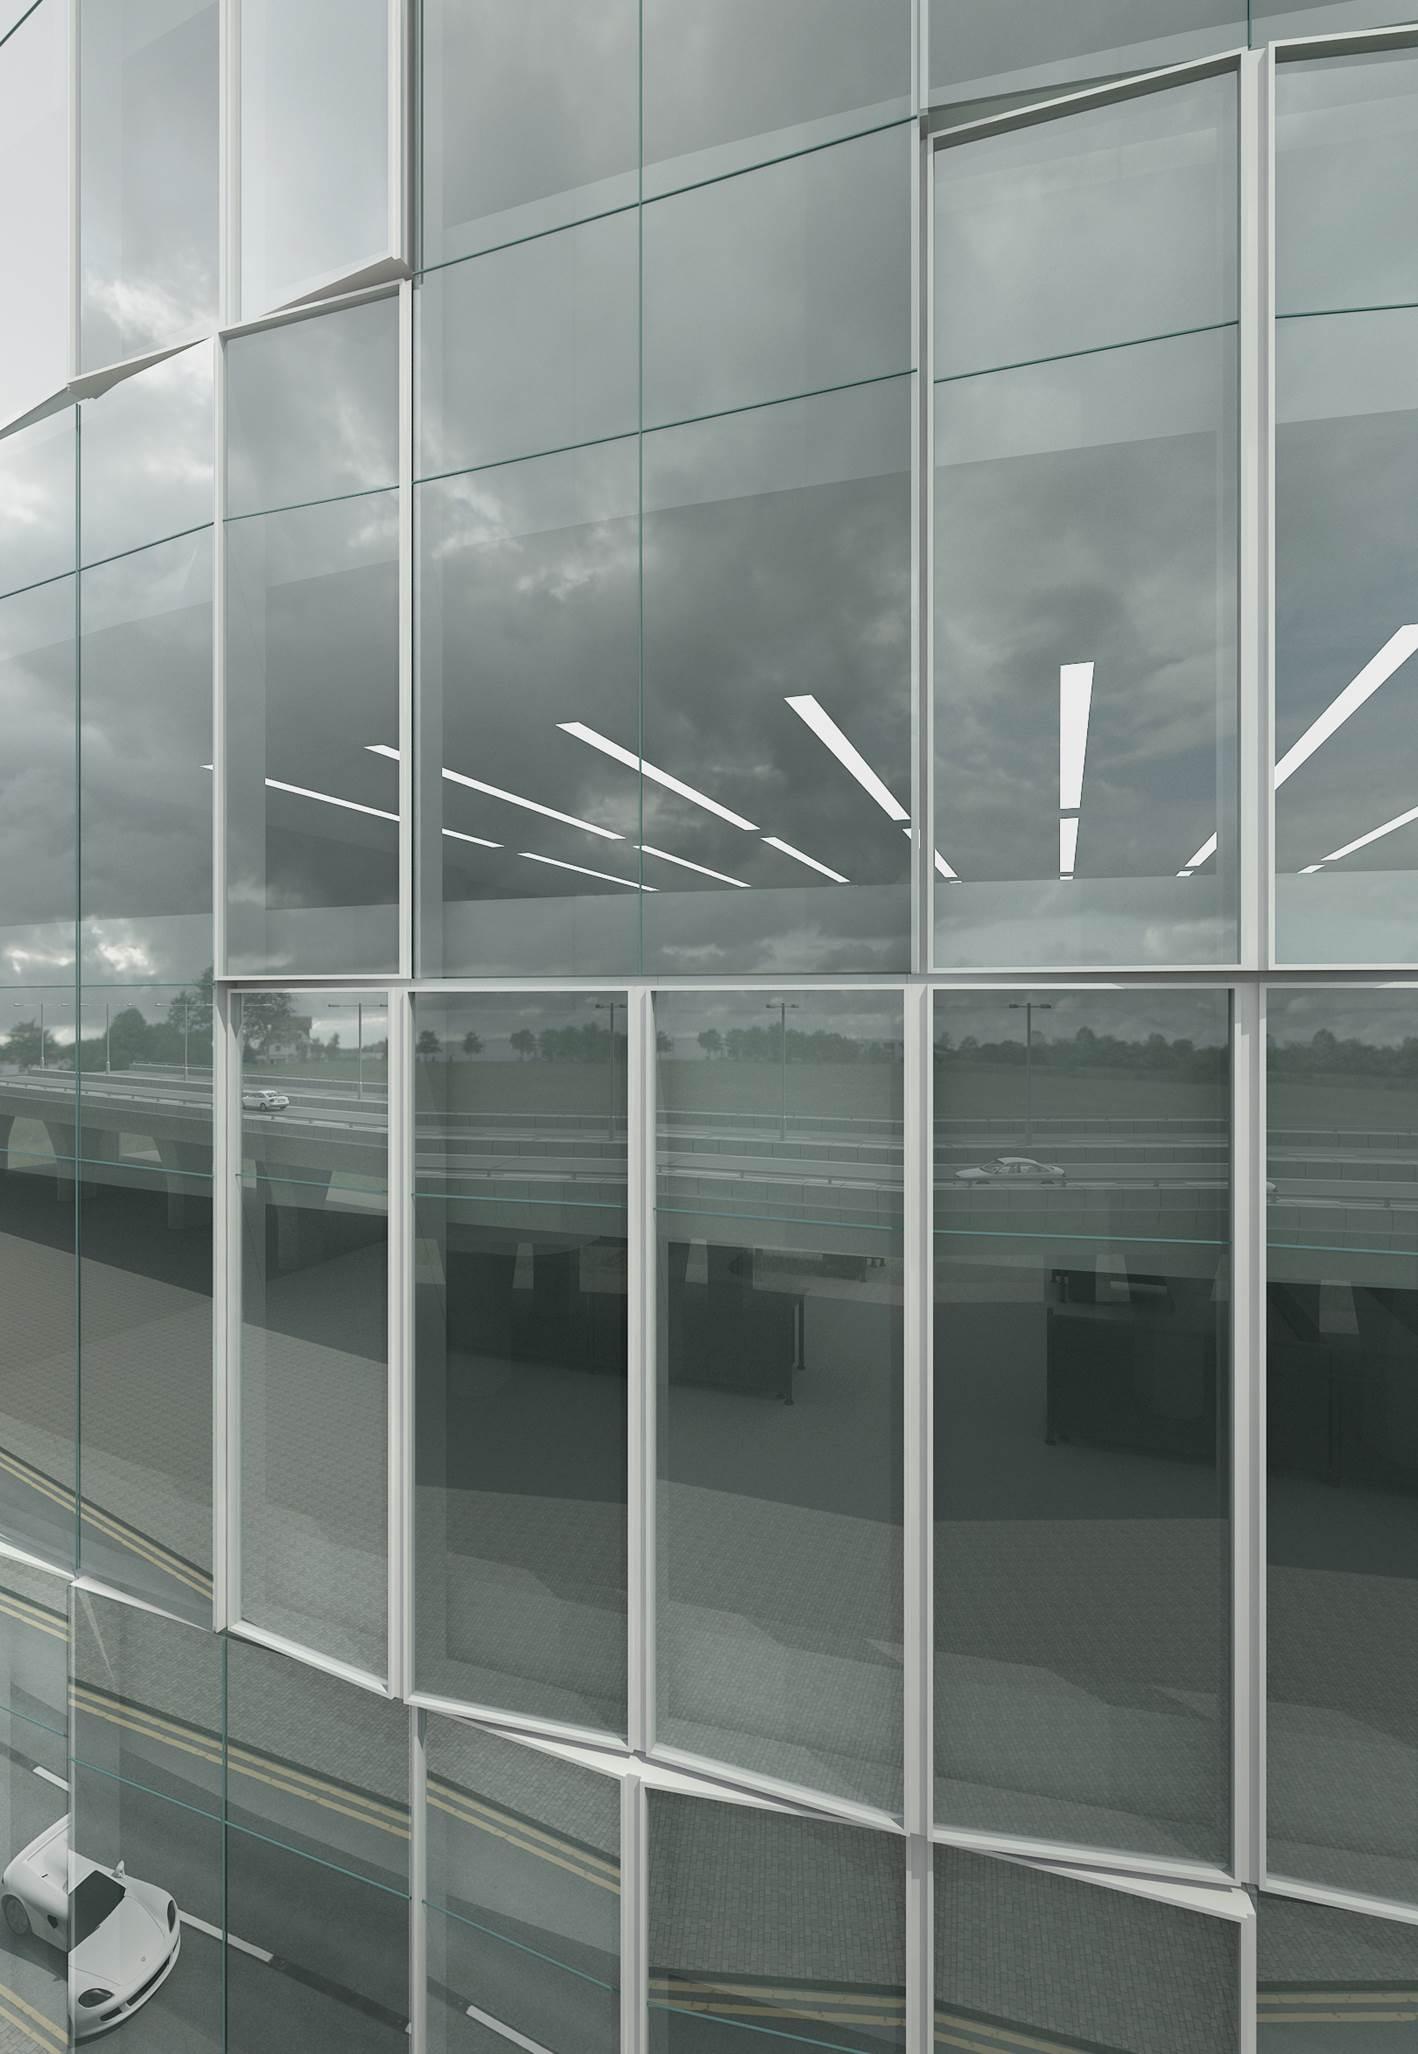 2014 - SML Tower (Facade Design) — EDGE DESIGN INSTITUTE LTD.